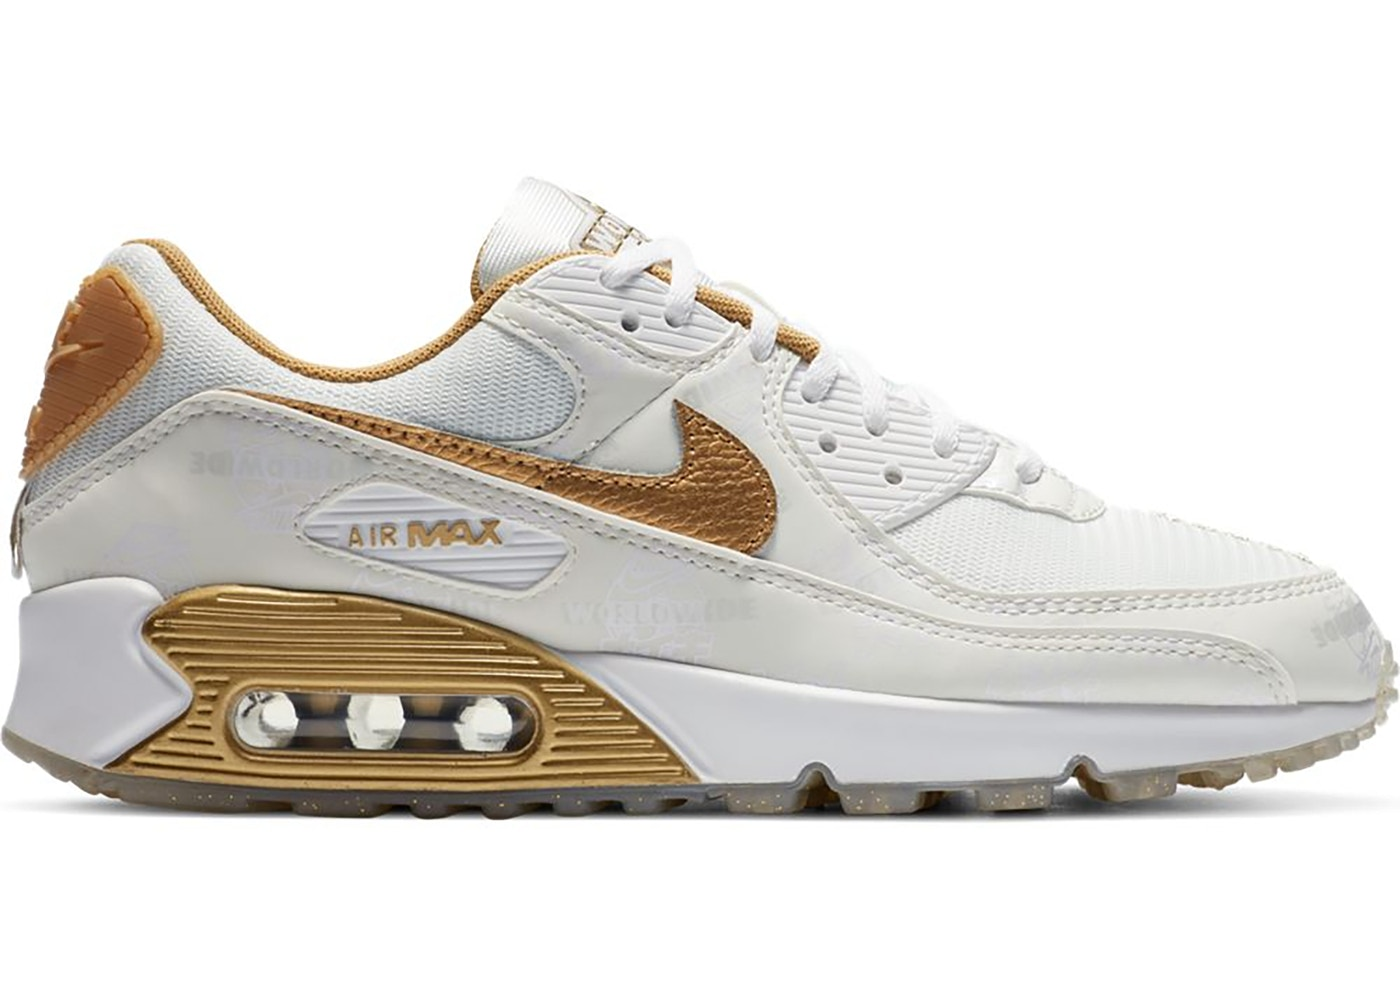 Nike Air Max 90 Worldwide White Gold (W) - DA1342-170